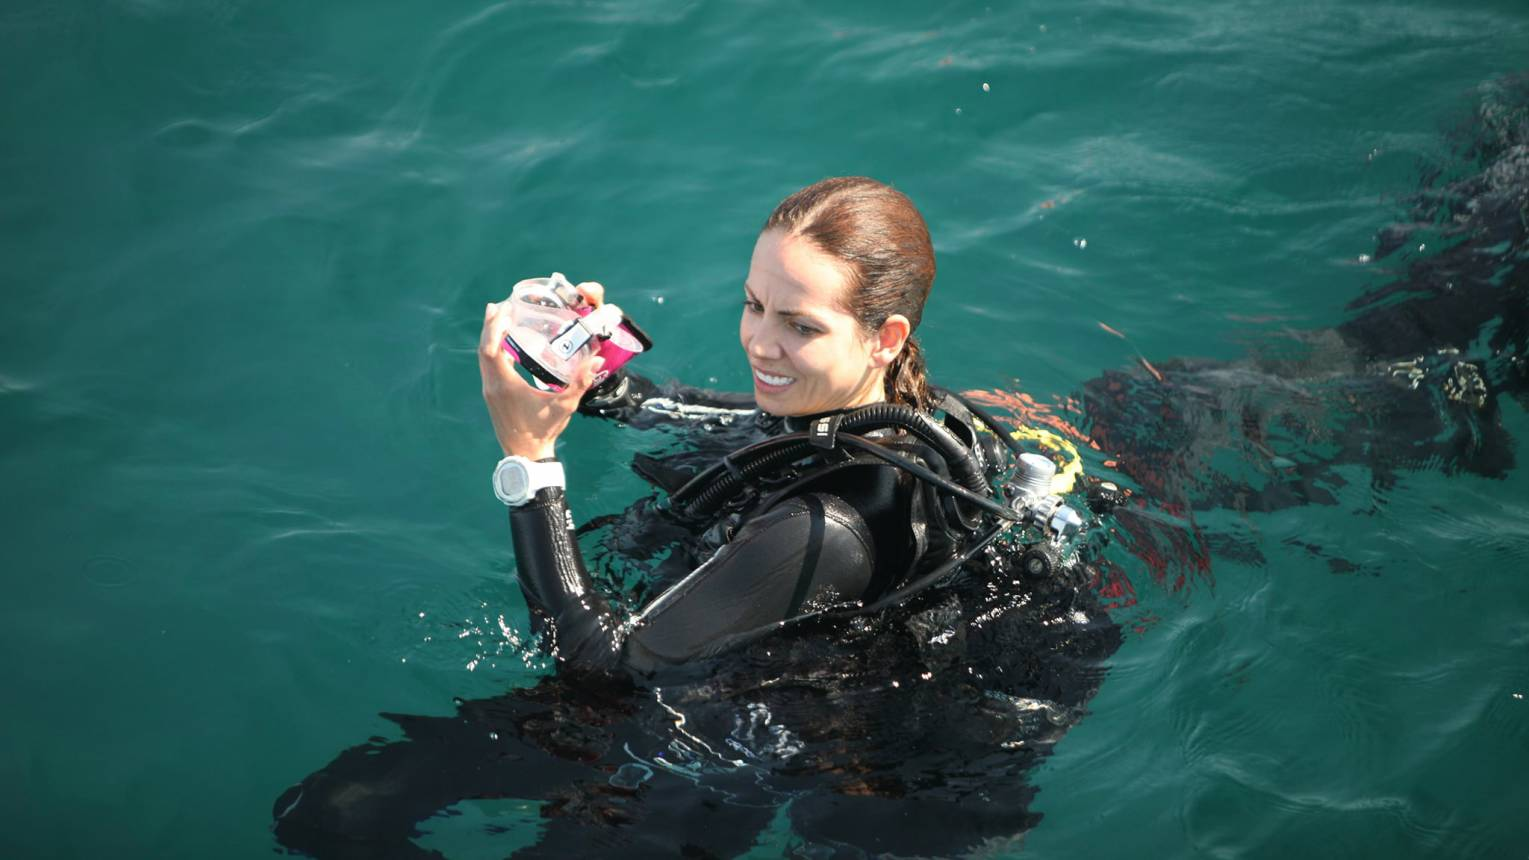 Próbamerülés nyílt vízben (Nemzetközi regisztrációval)